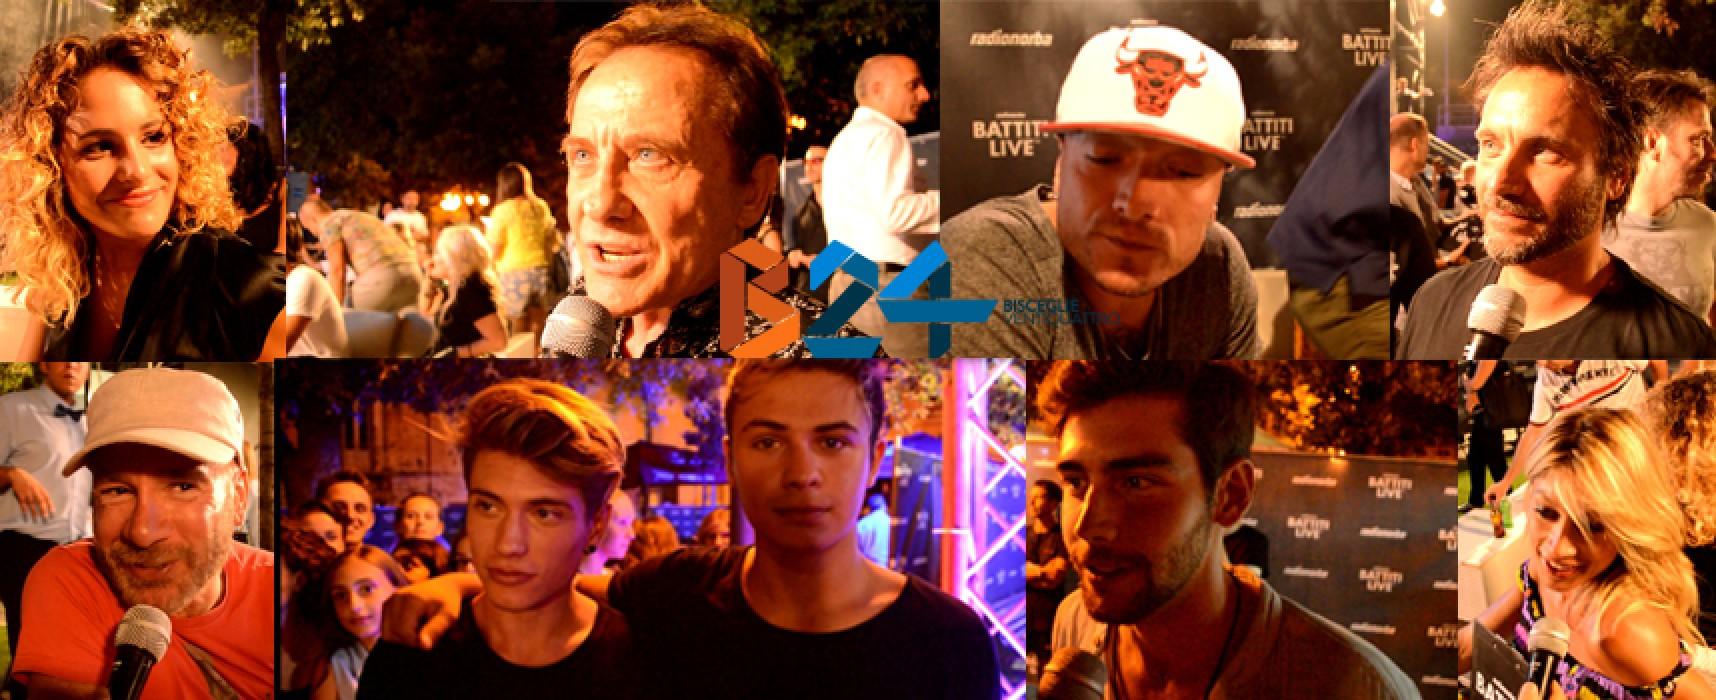 Battiti Live a Bisceglie: trionfo di musica, con qualche disattenzione organizzativa / VIDEO e FOTO